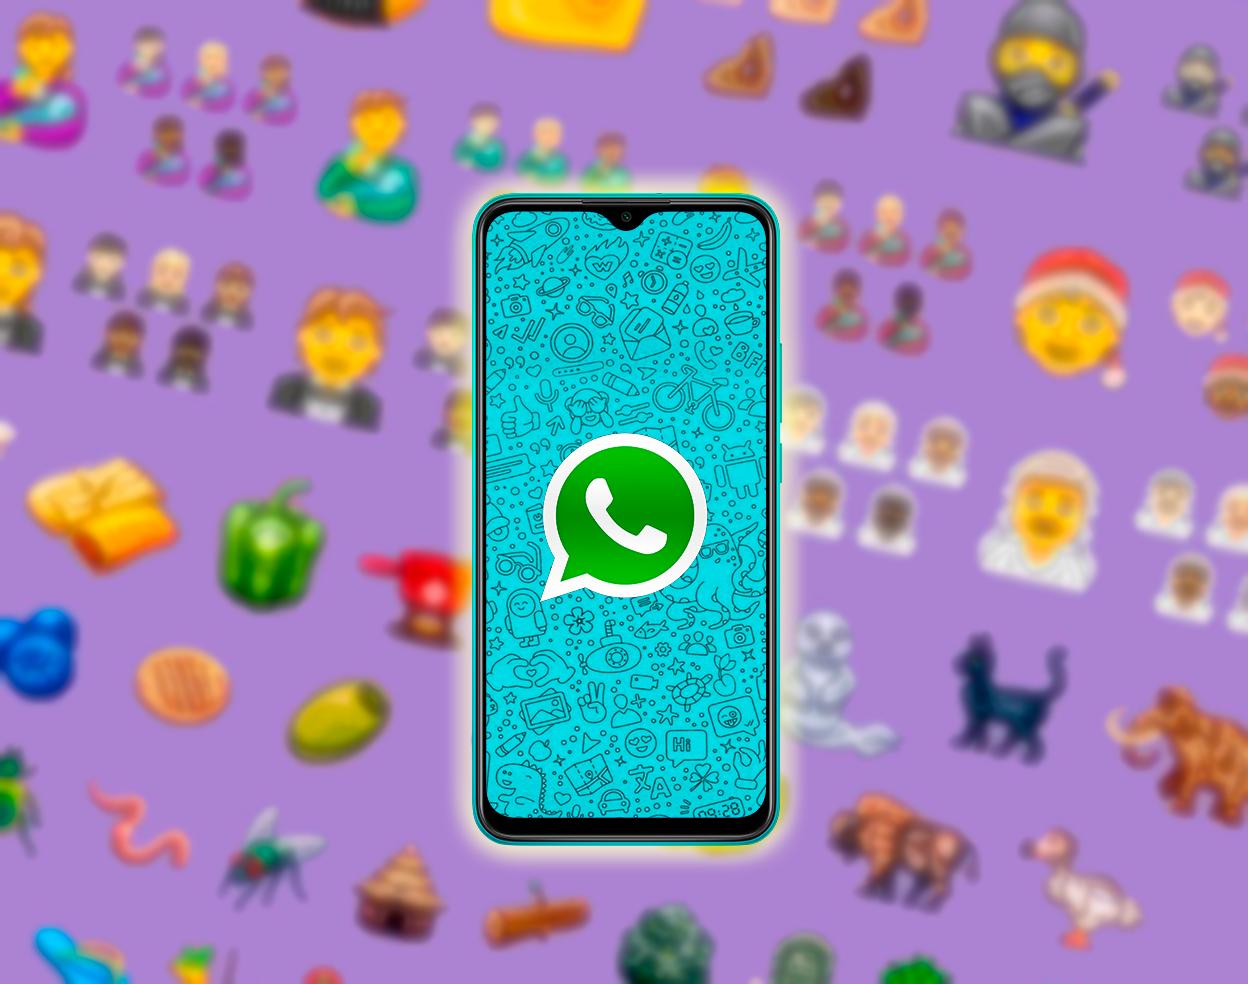 2 novedades de WhatsApp que van a llegar a tu móvil: nuevos emojis y fondos de pantalla para cada chat